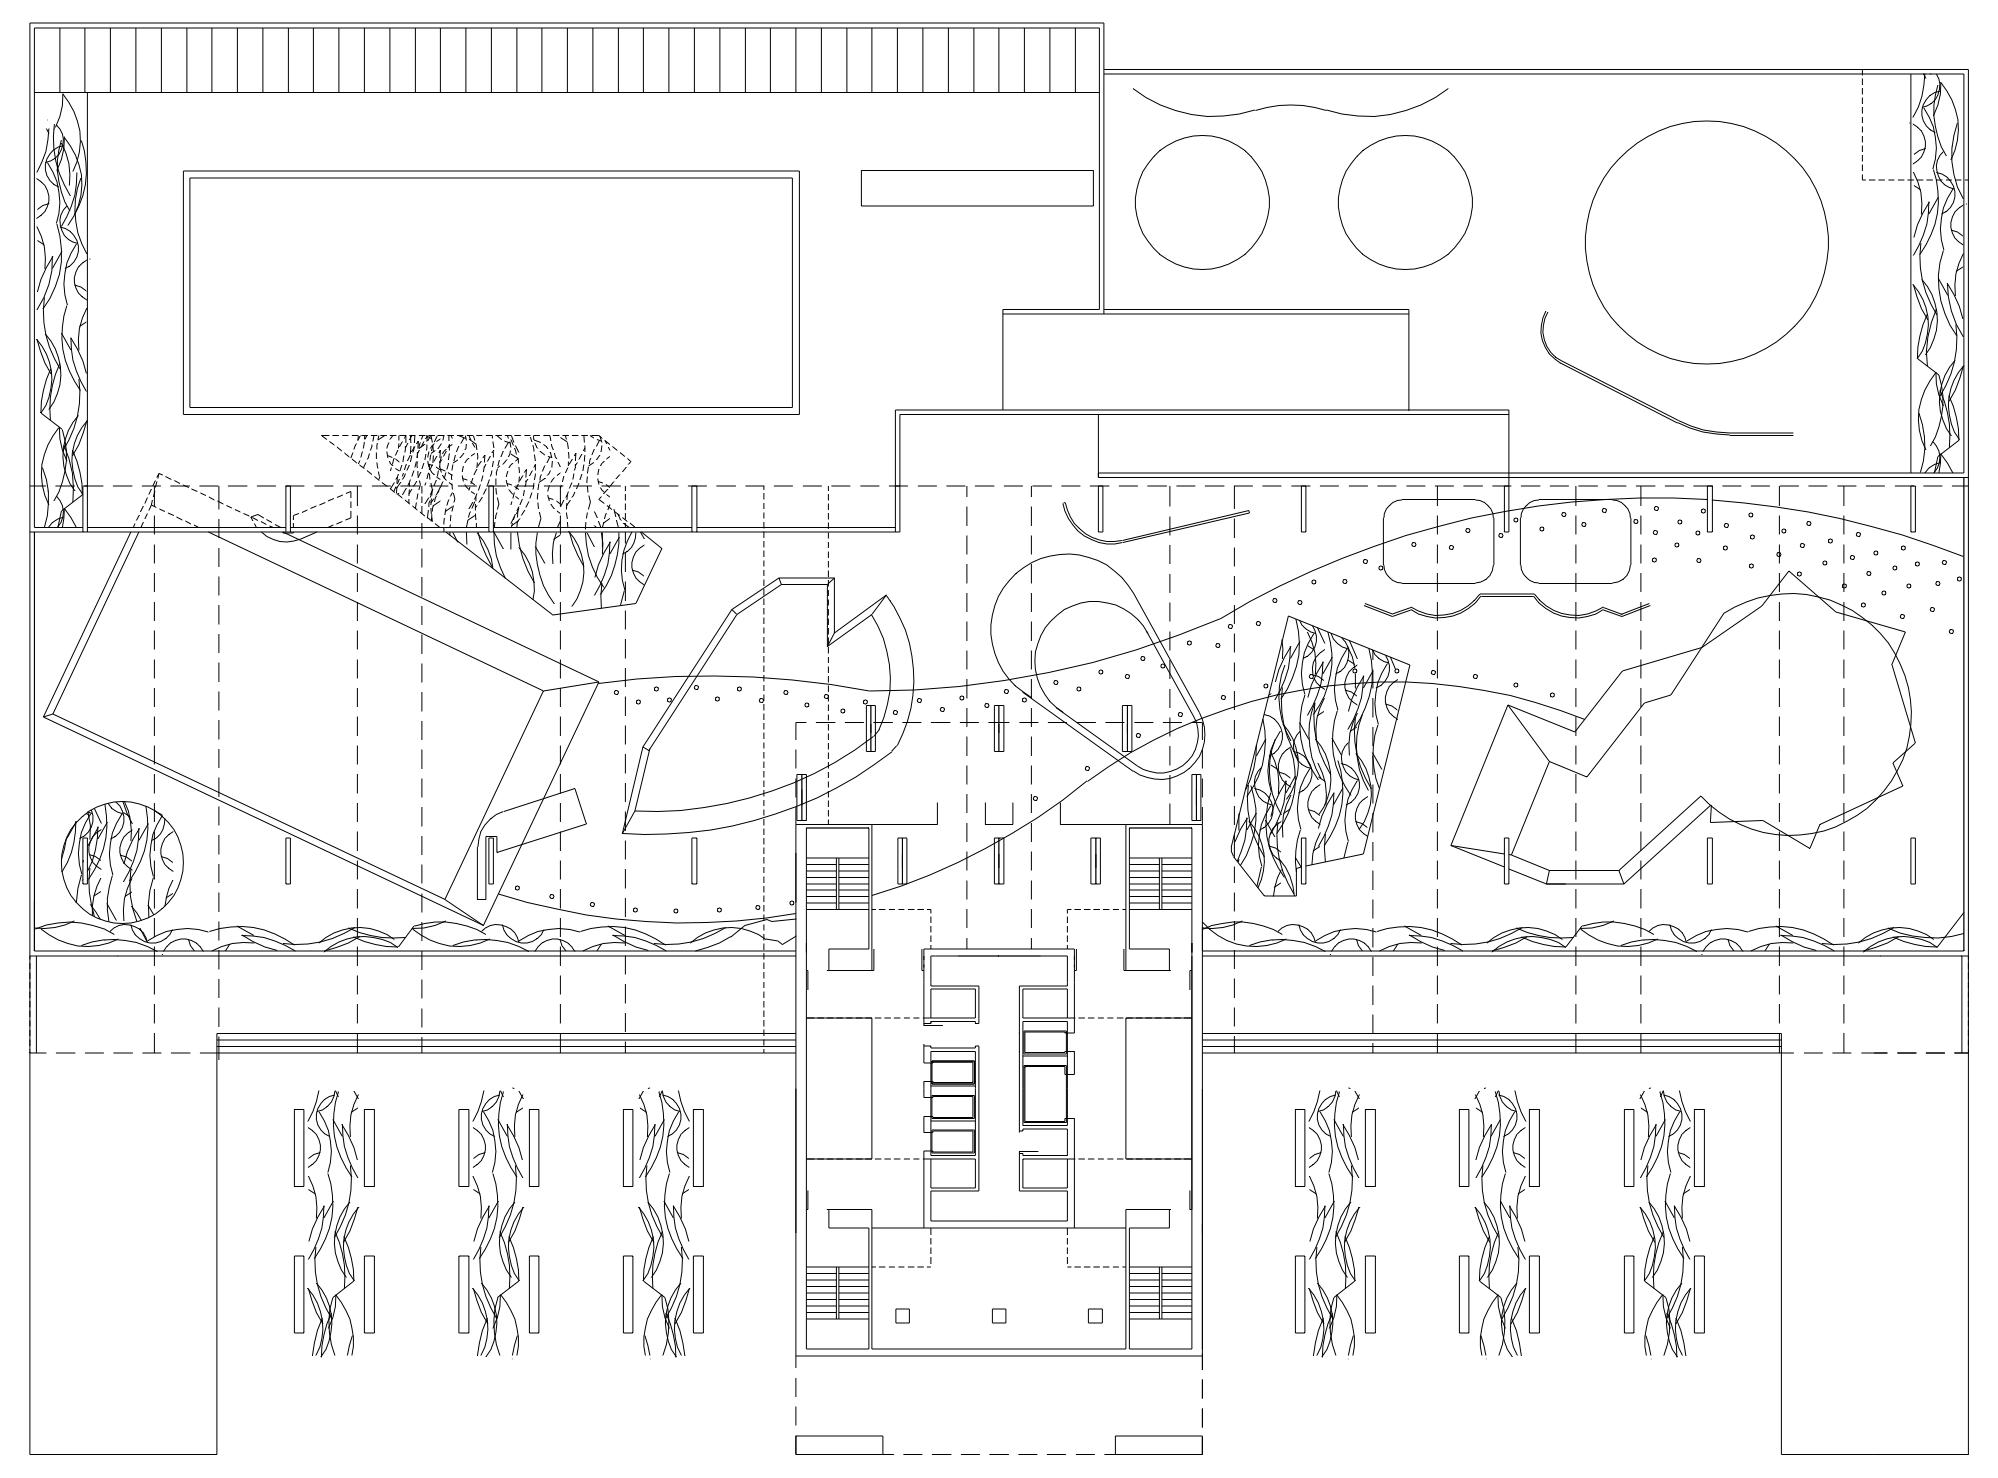 Concurso para una torre de viviendas | Imagen de proyecto3